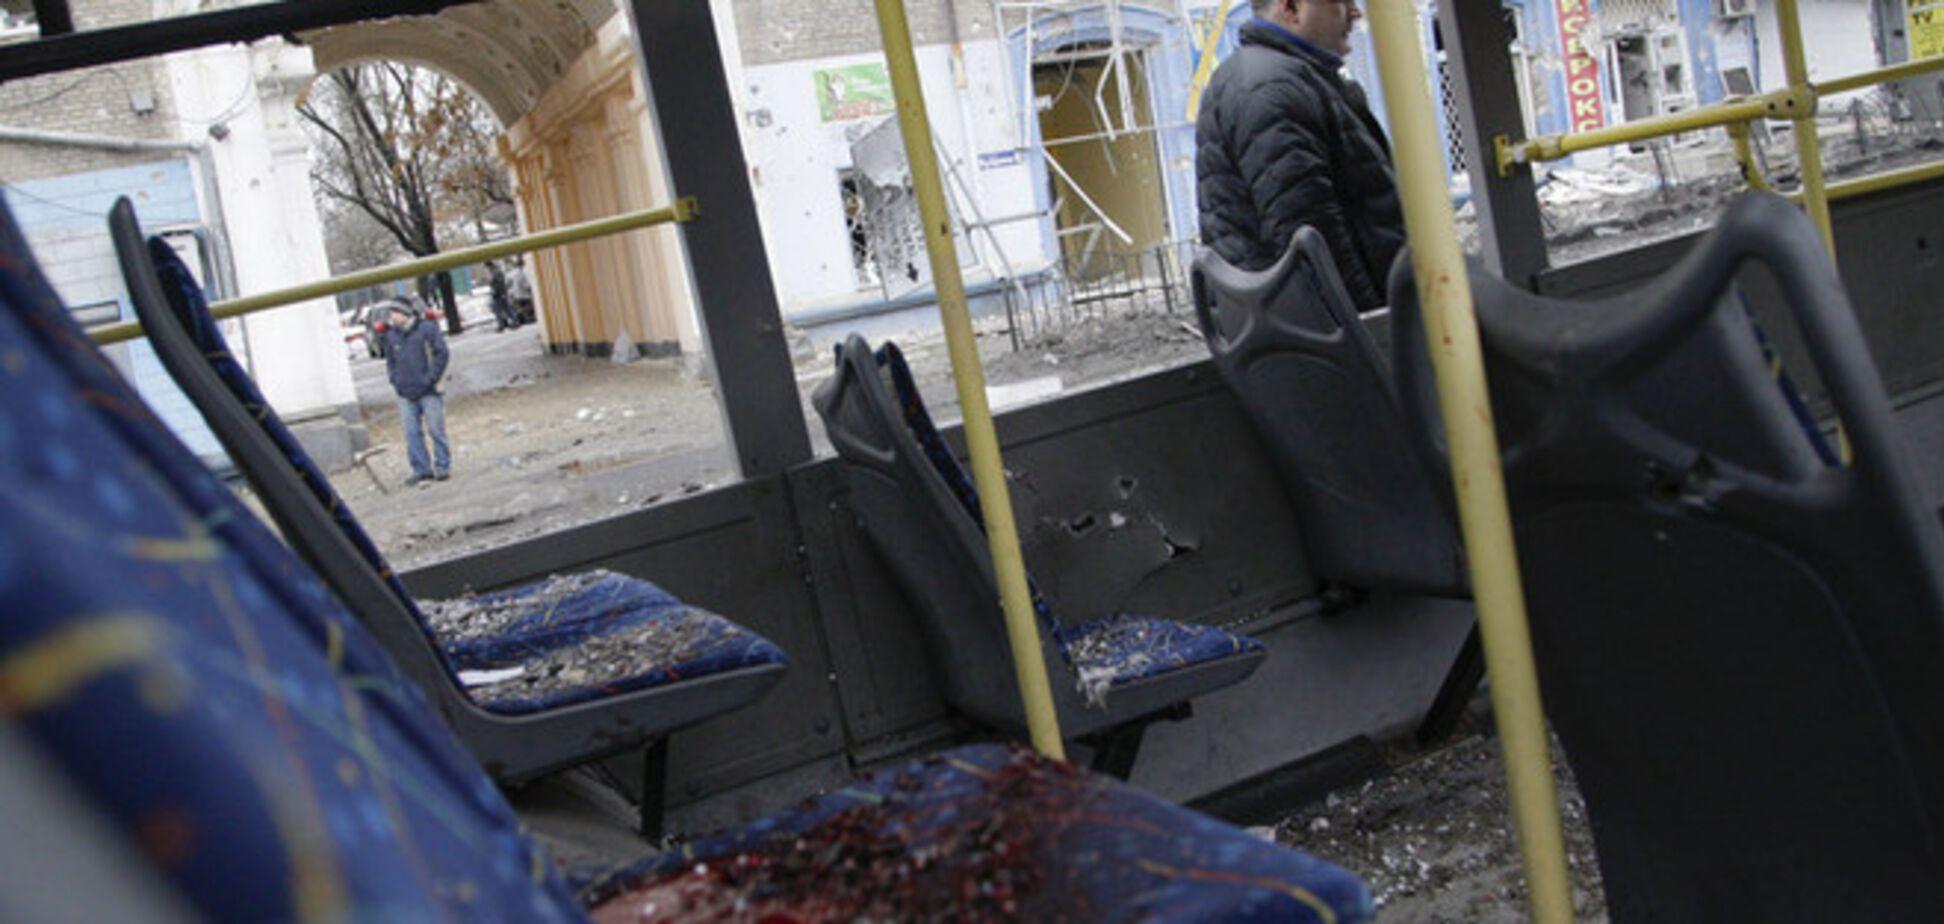 Бойцы АТО непричастны к обстрелу остановки в Донецке - омбудсмен